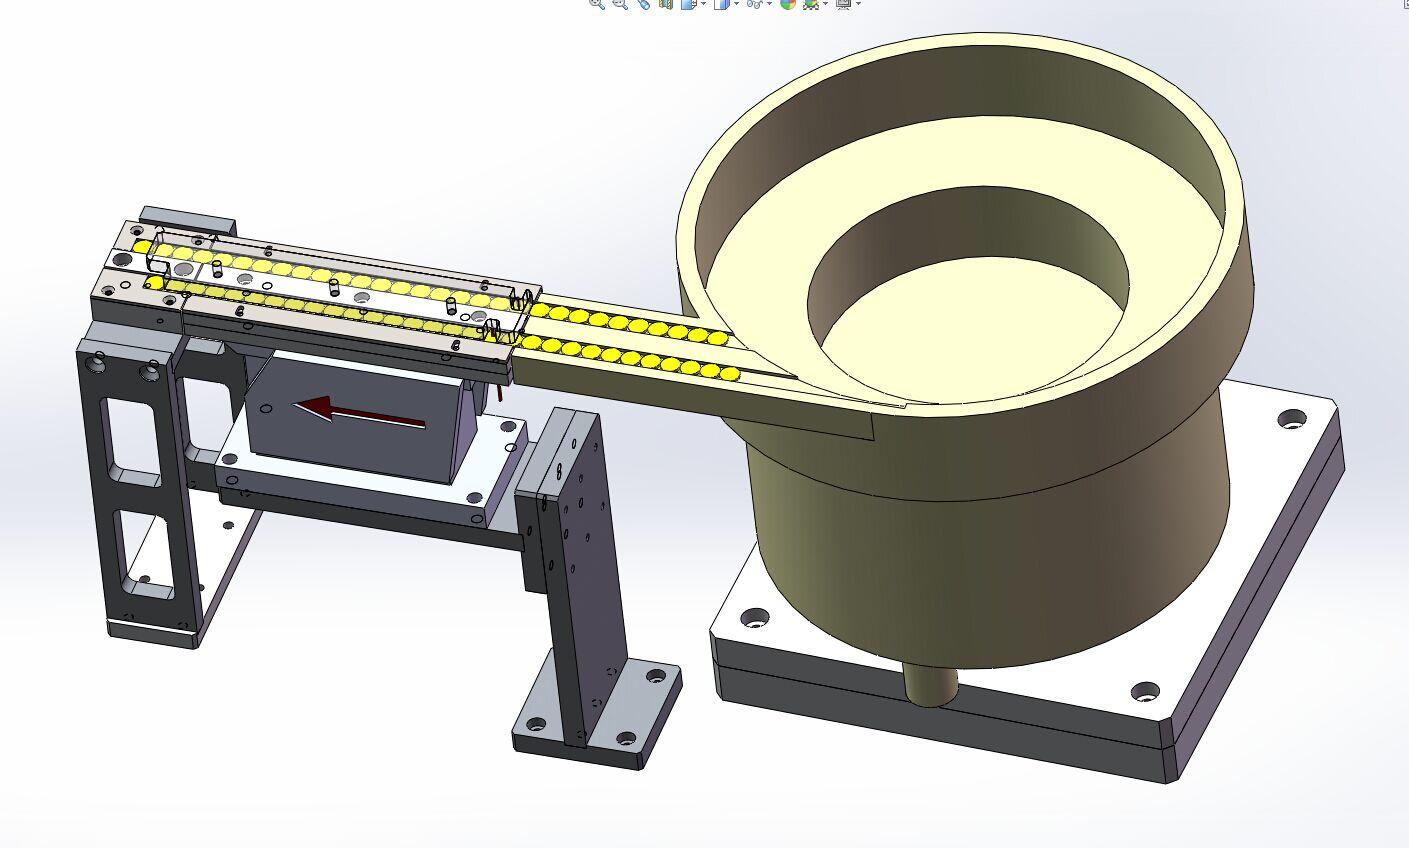 铅帽上盖振盘送料结构3D模型图纸 Solidworks设计